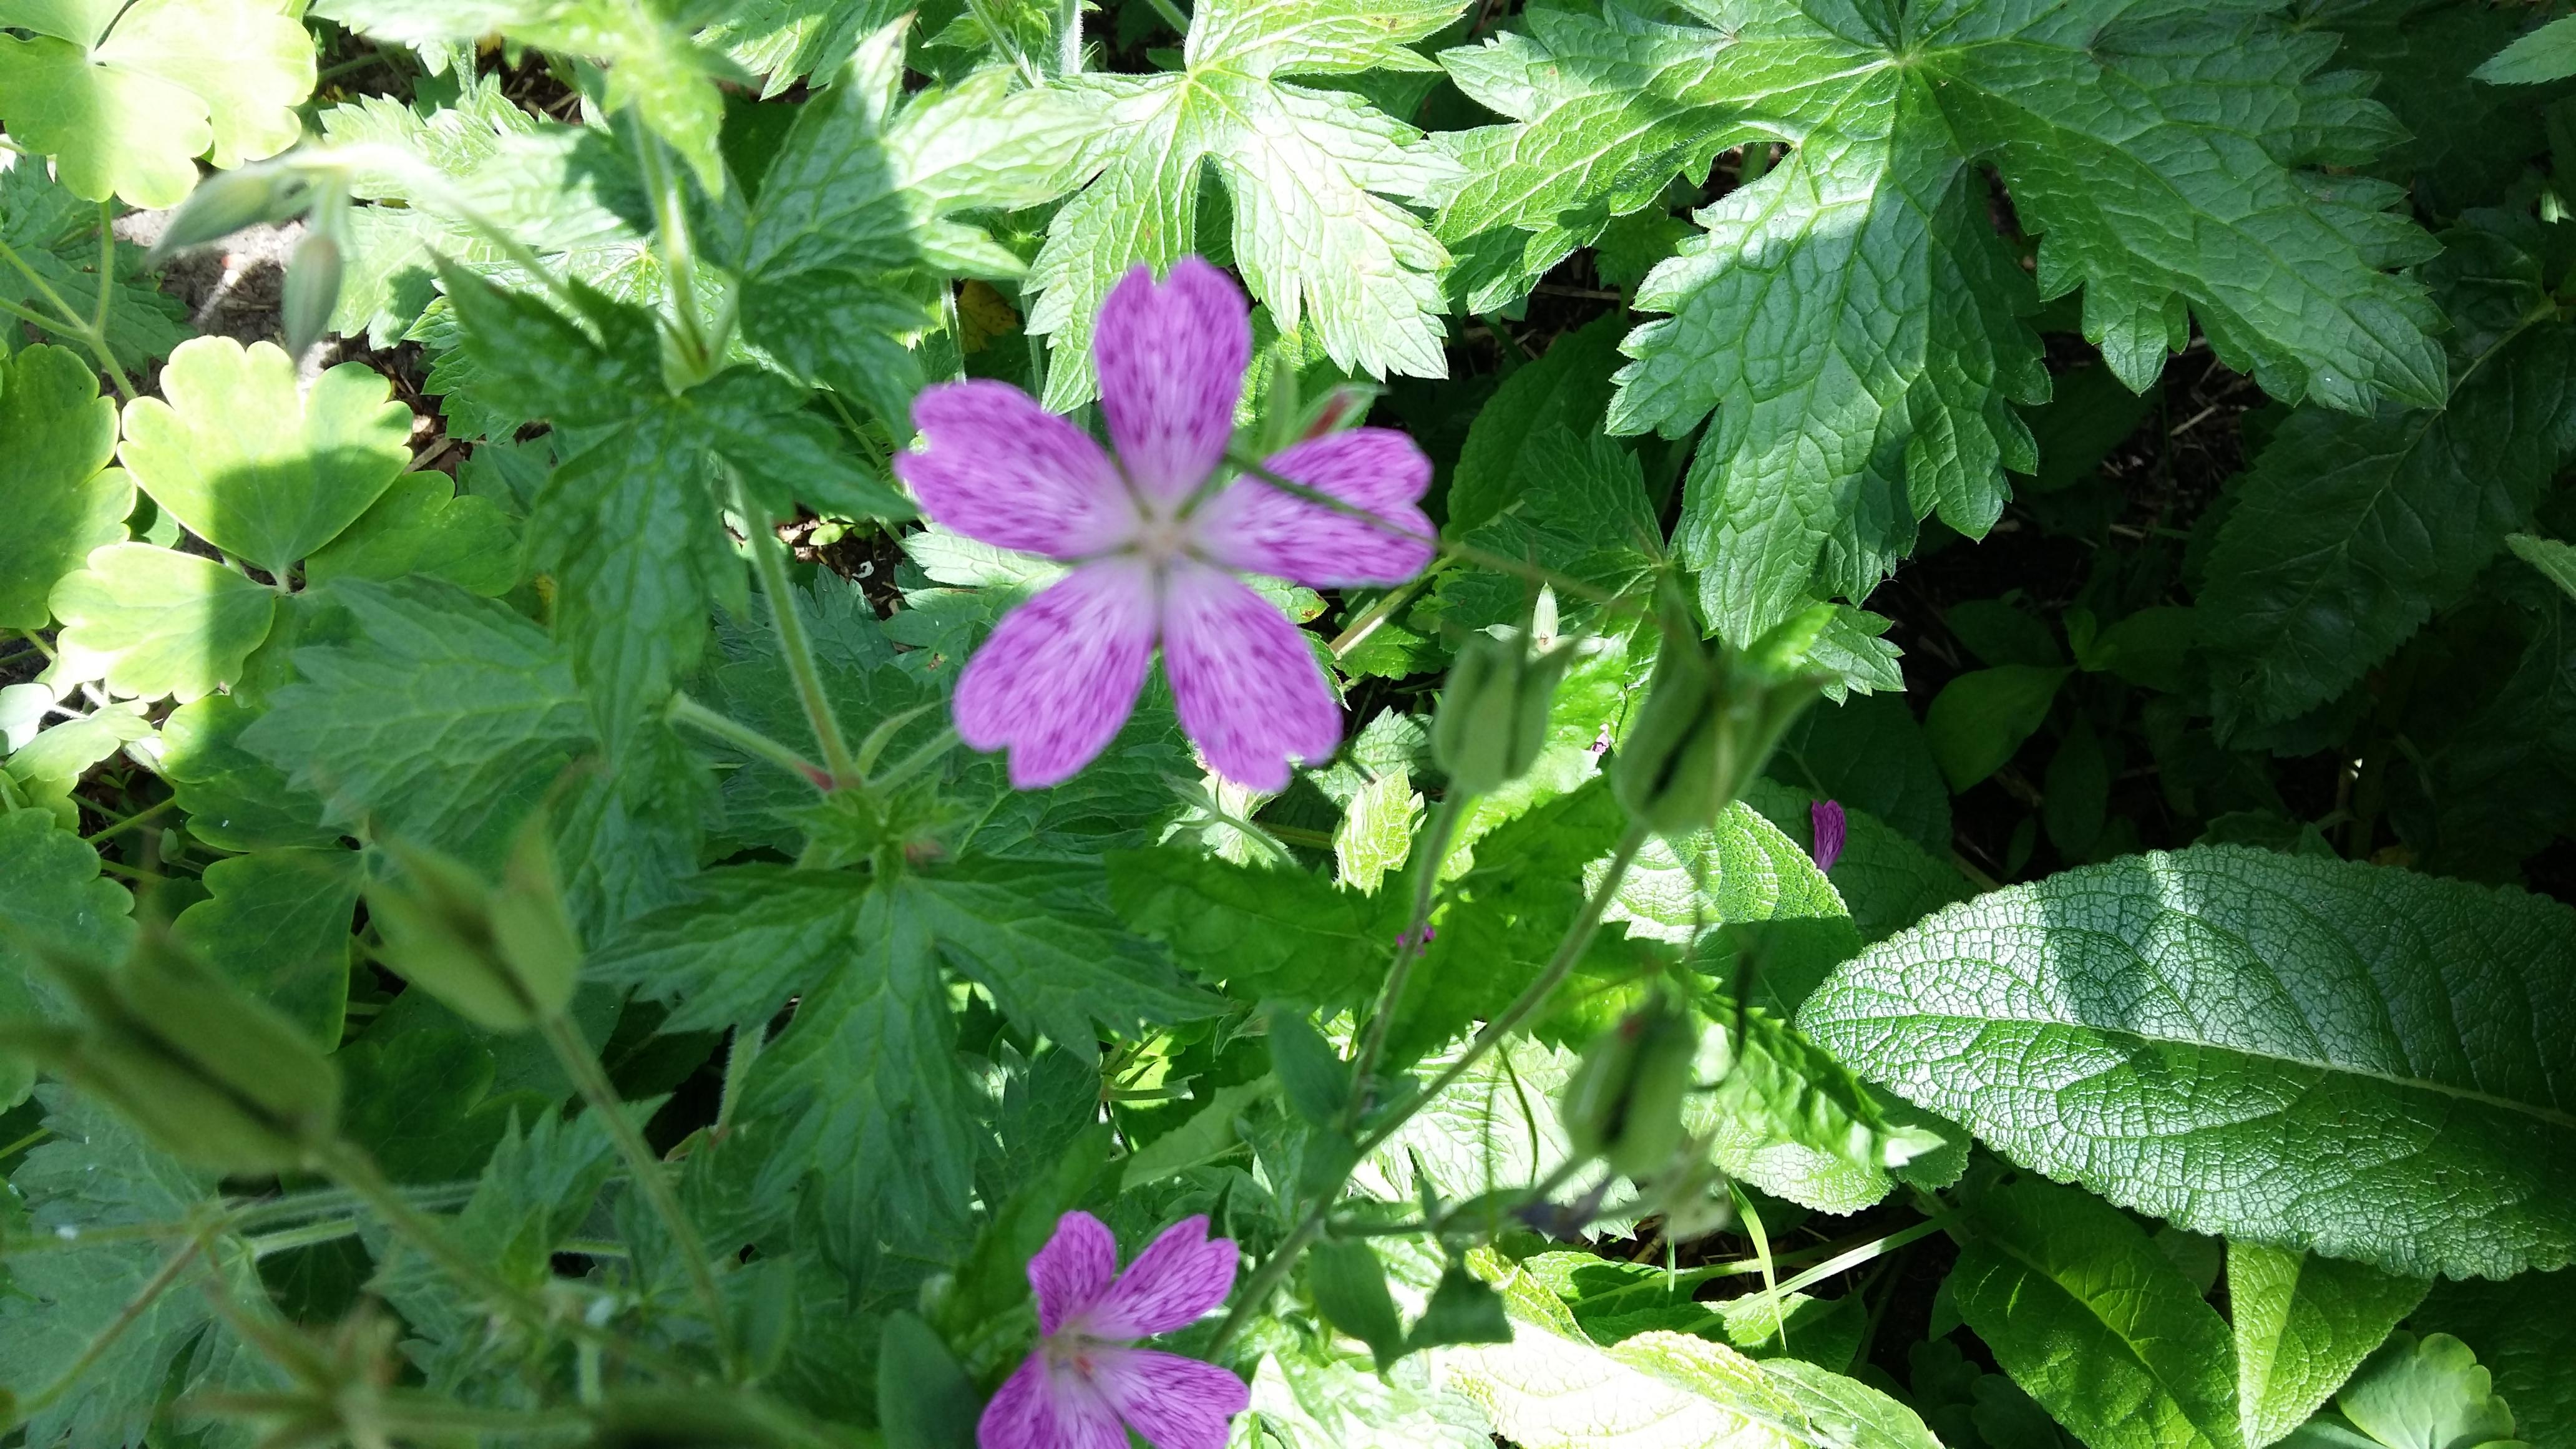 Geranium paars geaderd/Ooievaarsbek